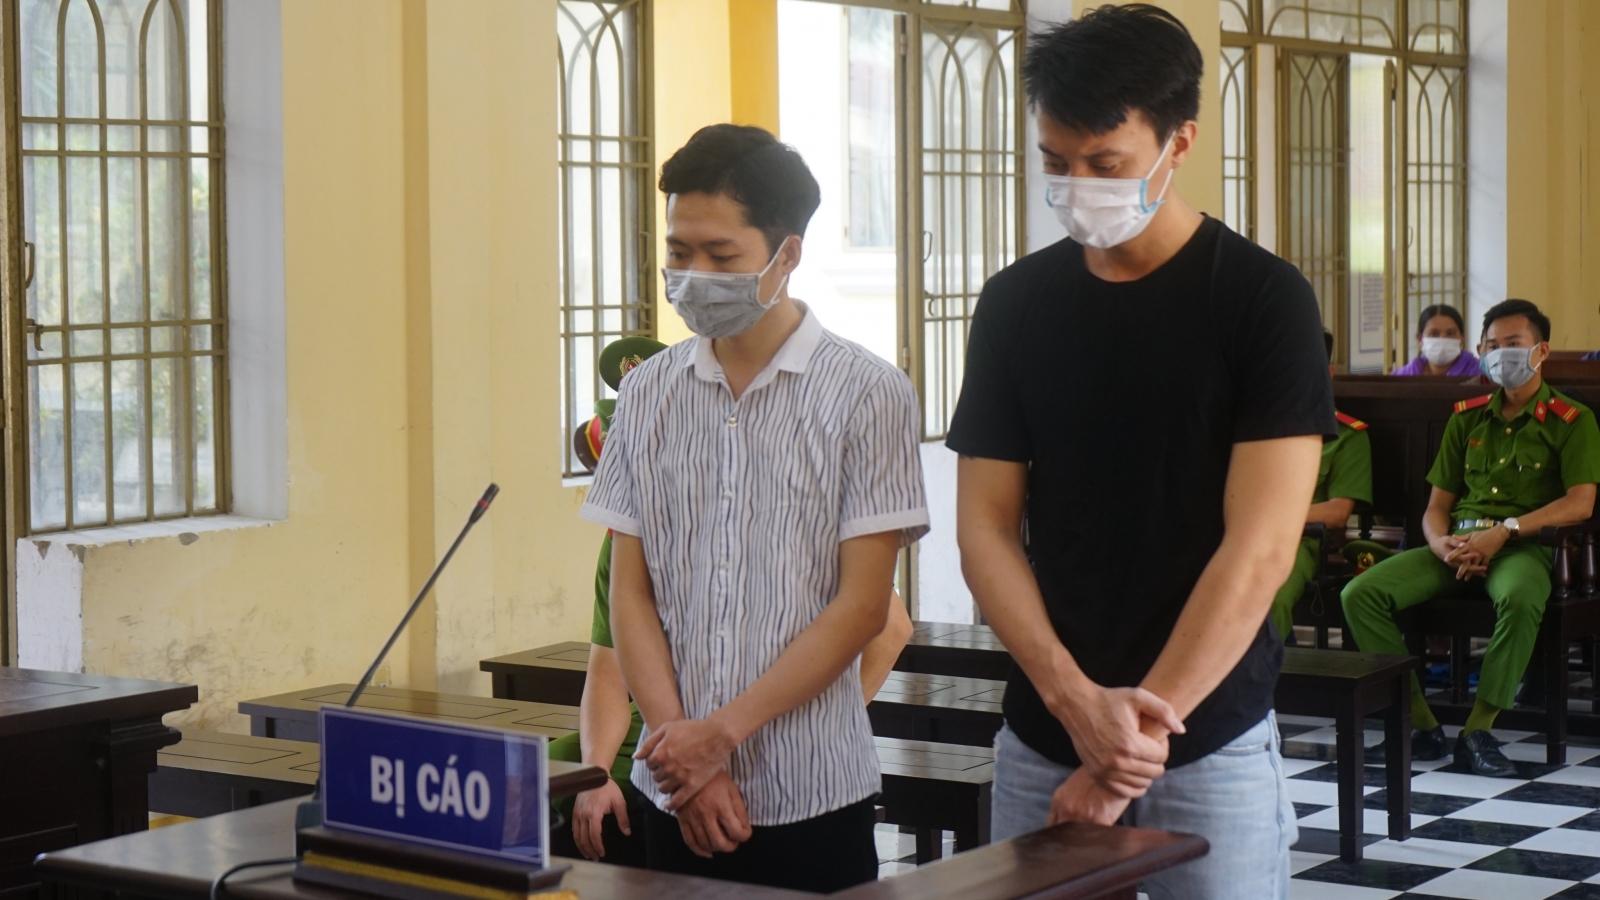 Cầm lựu đạn giả cướp ngân hàng, 2 thanh niên lĩnh 19 năm tù